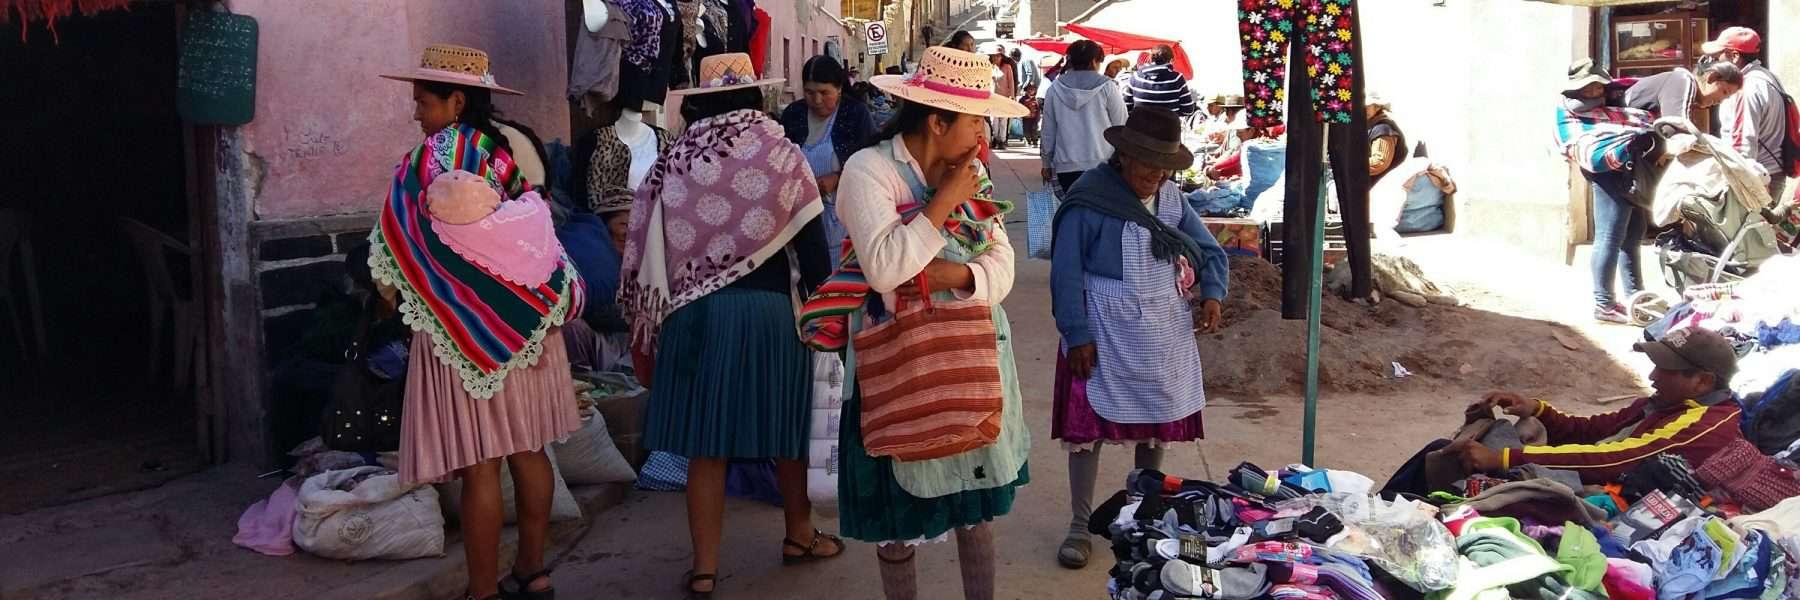 Miners Market in Potosi, Bolivia